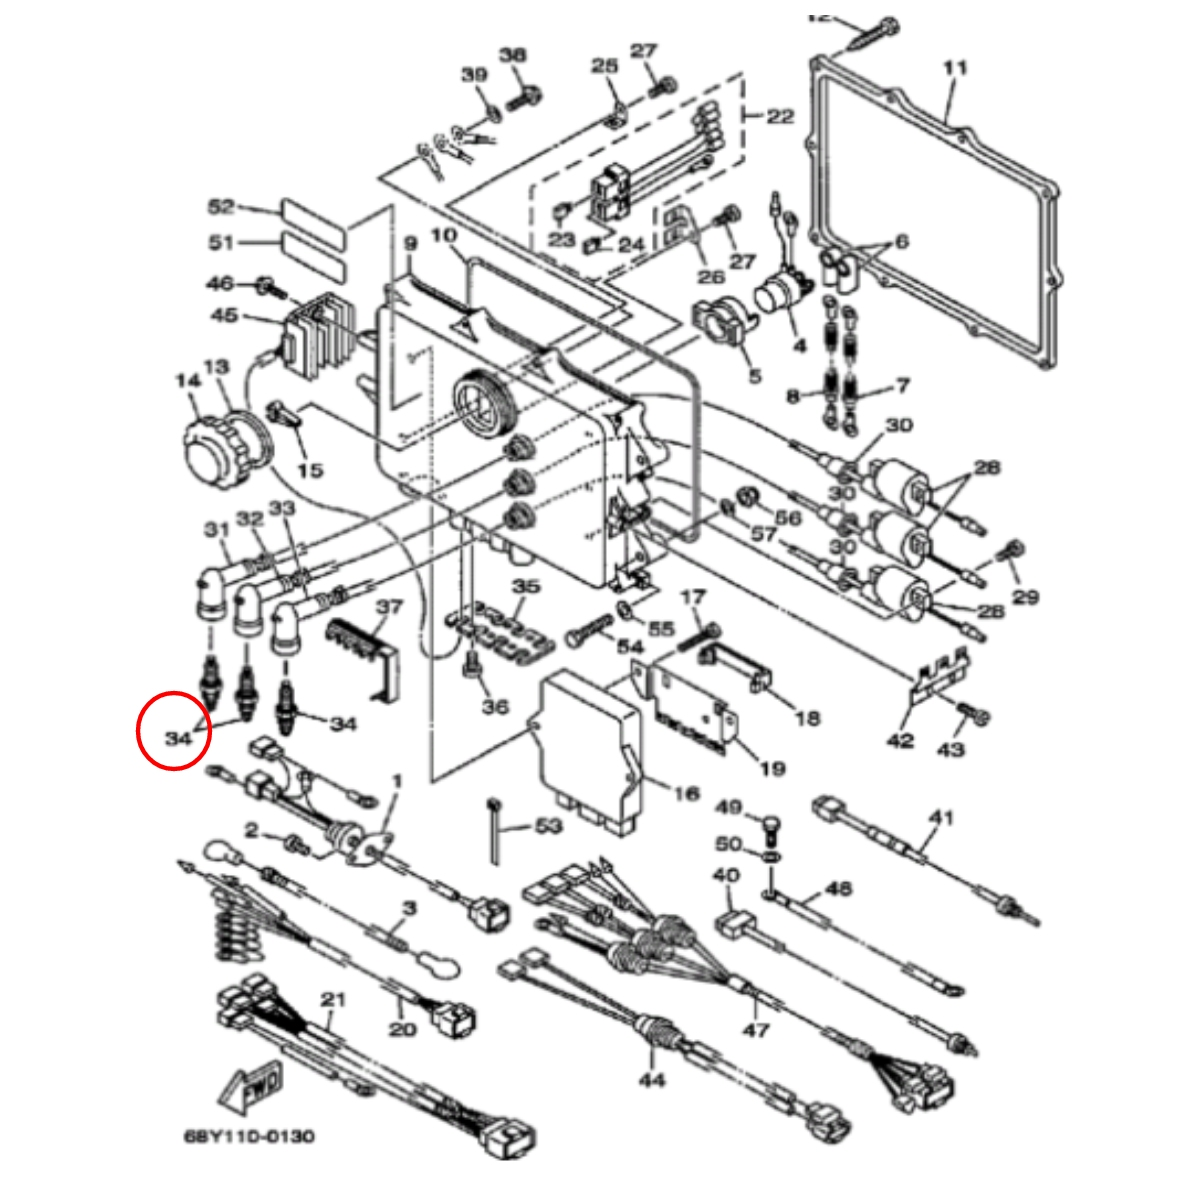 Vela BR8ES-11 para Jet Ski Yamaha GP1200R/1300R NGK (Unitária)  - Radical Peças - Peças para Jet Ski